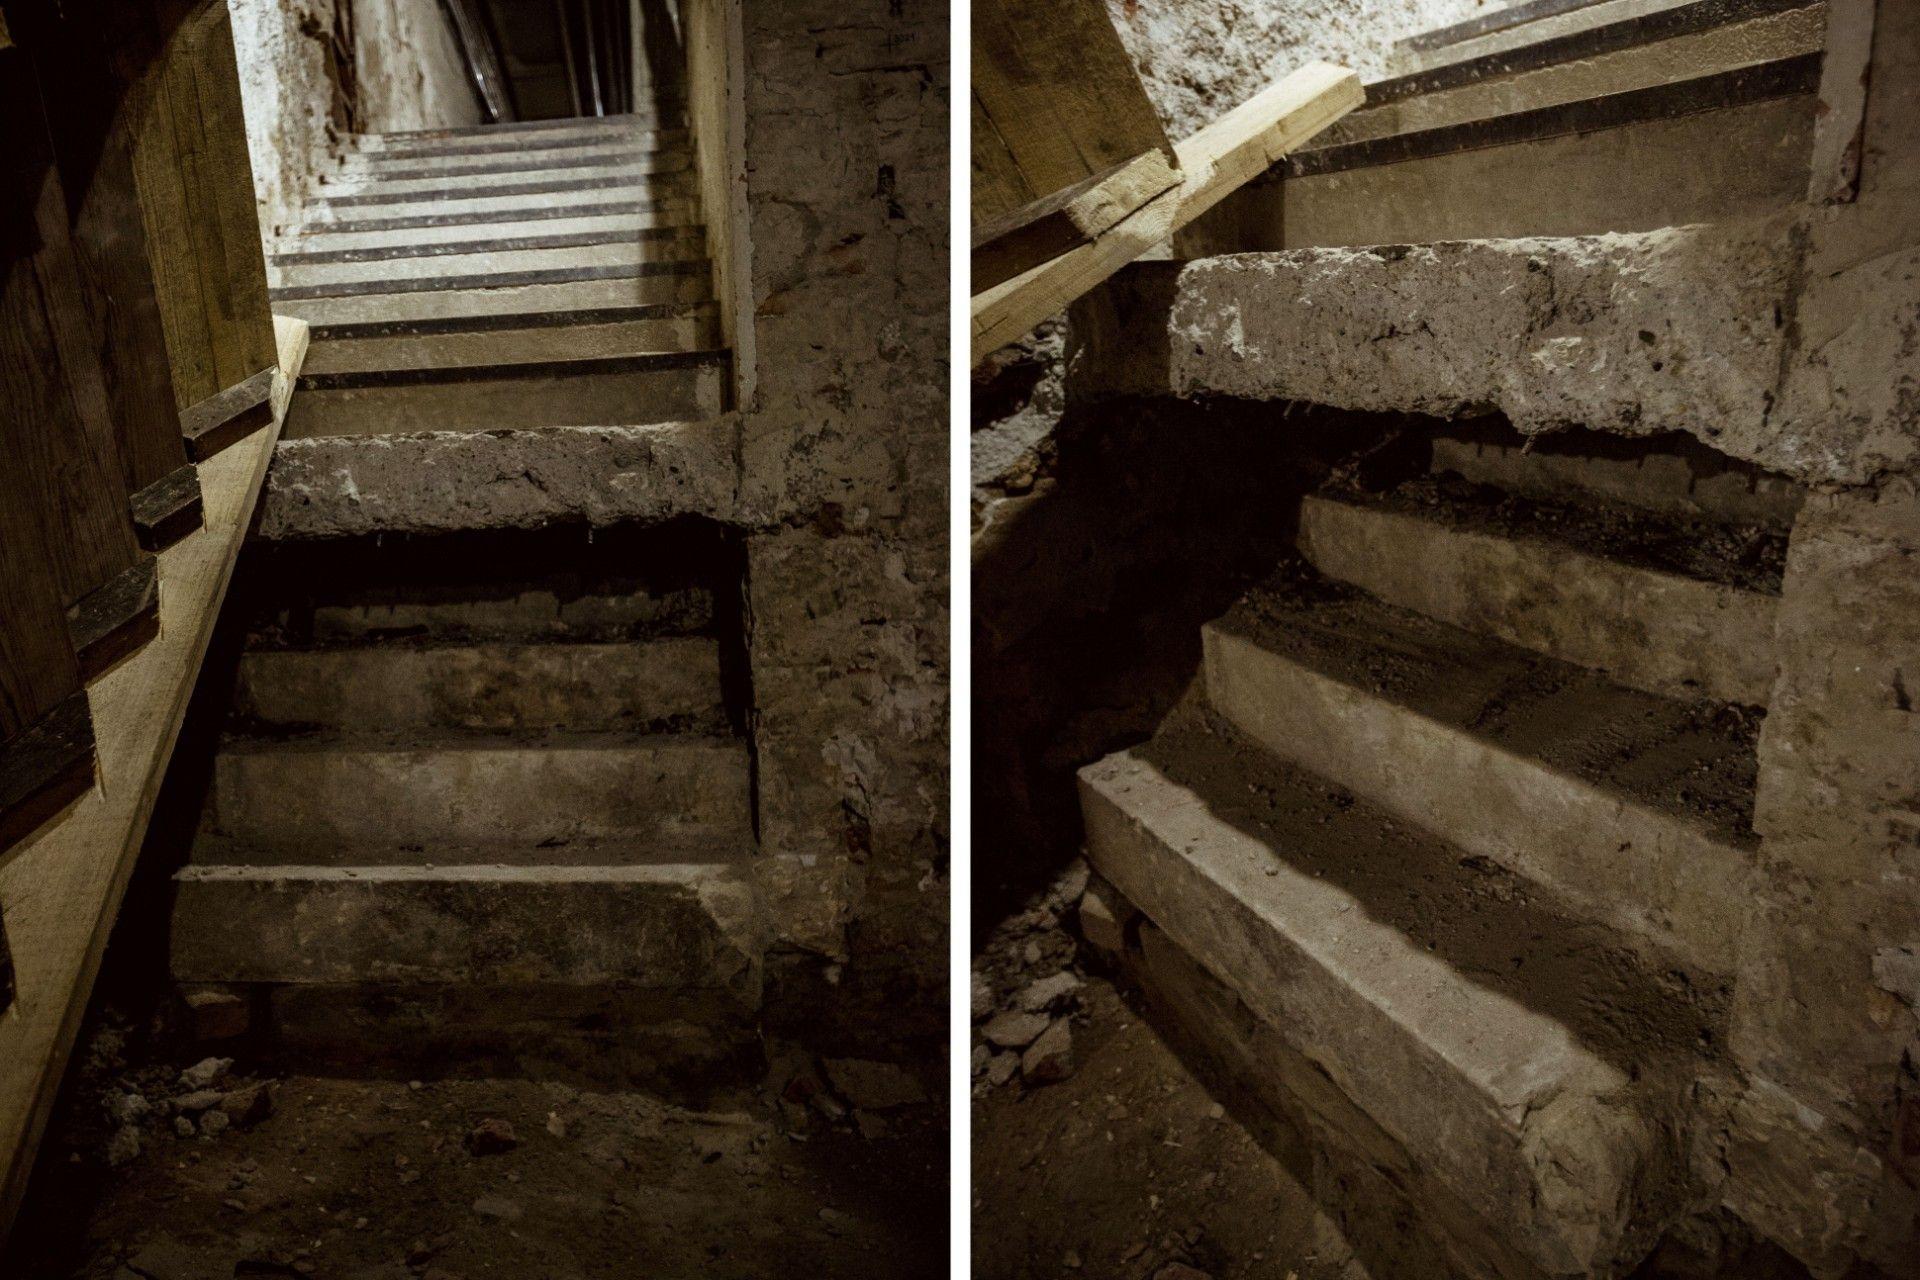 járva a lépcsőn a visszérről)